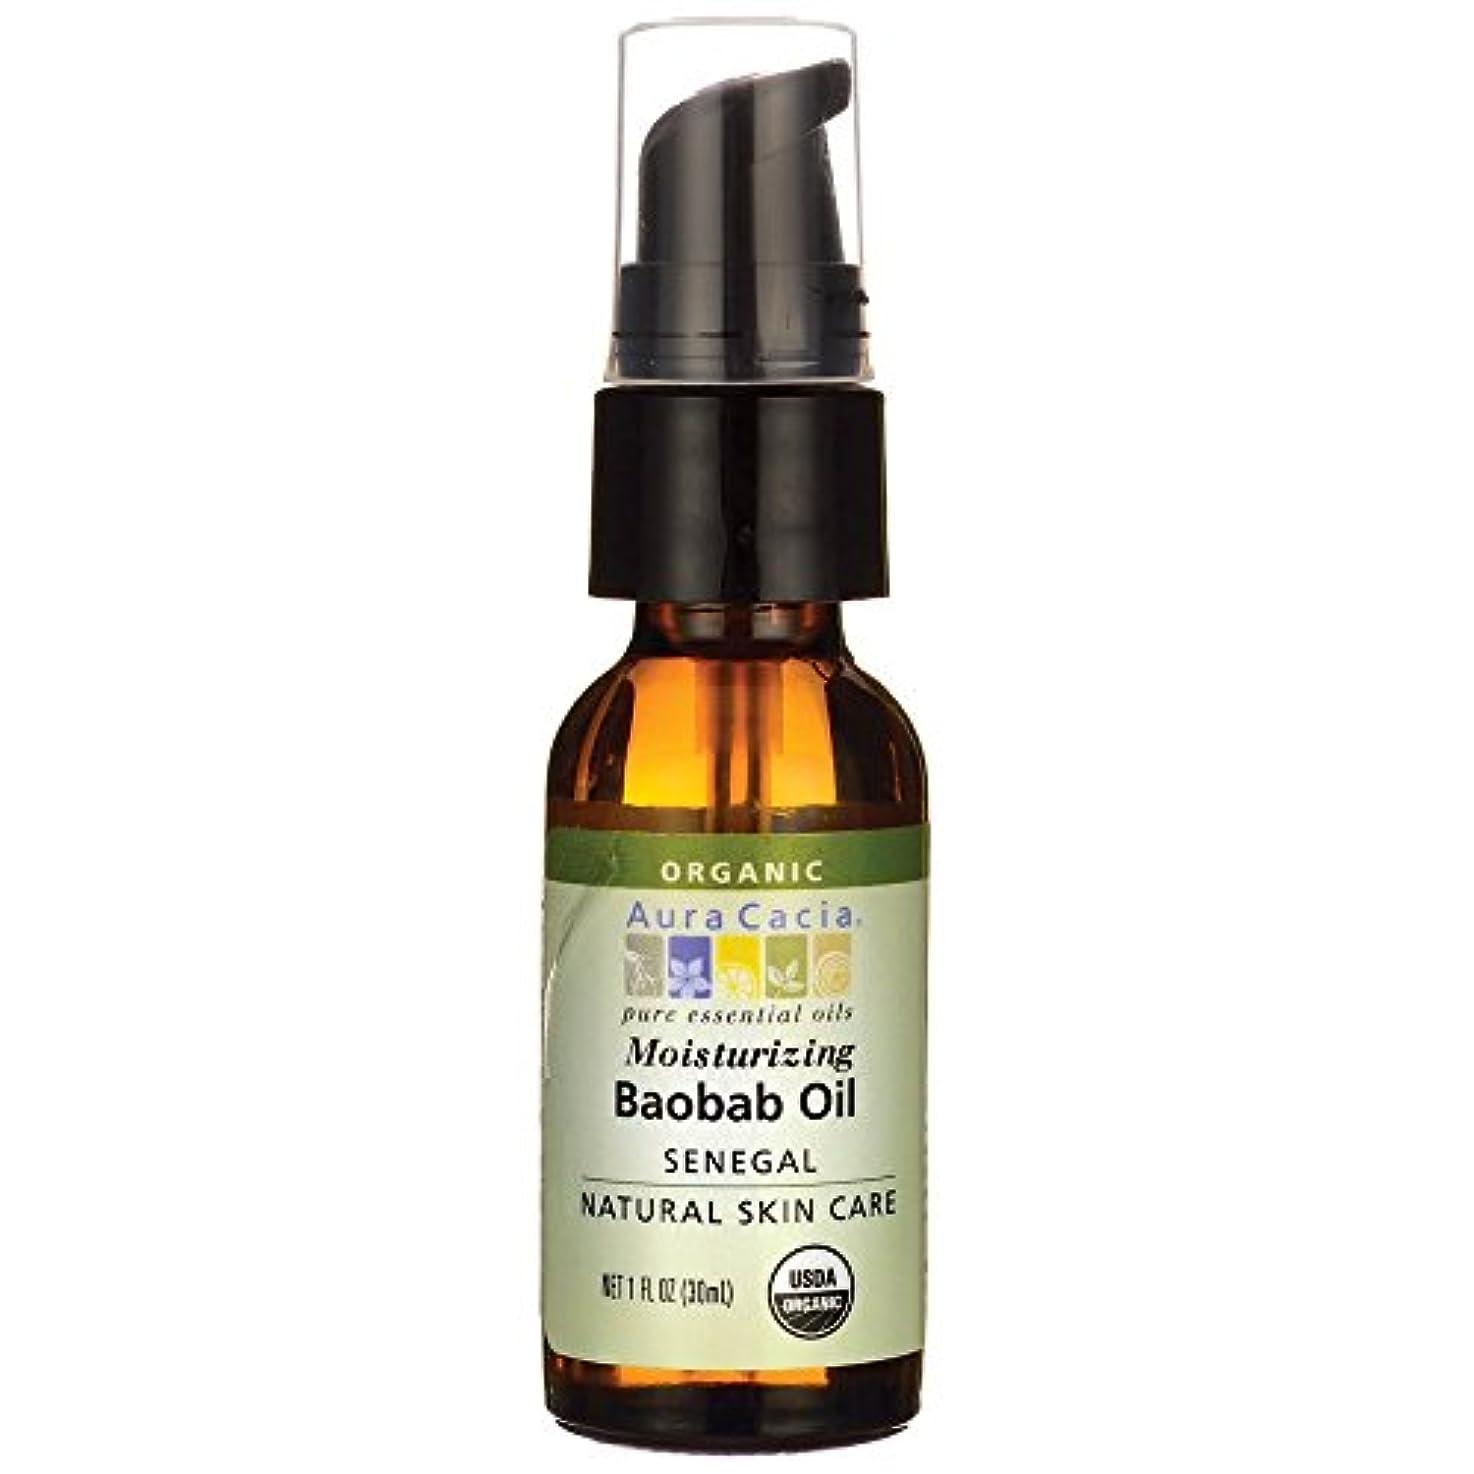 小さなパイントフォロー[海外直送品] Aura Cacia オーガニック バオバブ オイル 30ml Organic Baobab Oil 1 fl oz [ヘルスケア&ケア用品]